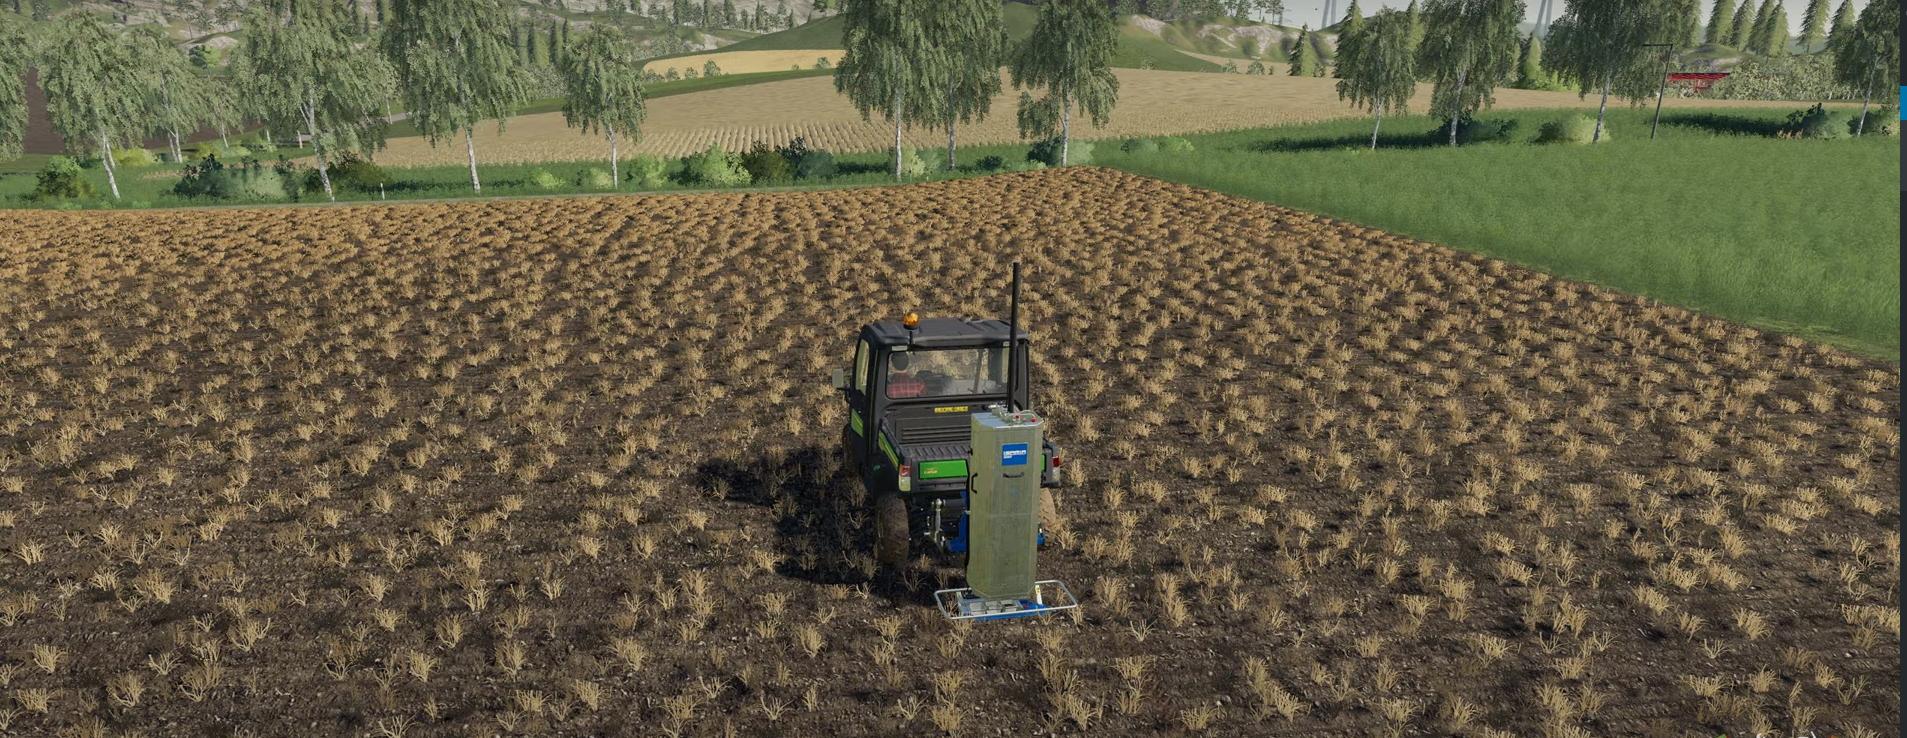 Farming Simulator 19 Precision Farming Dlc